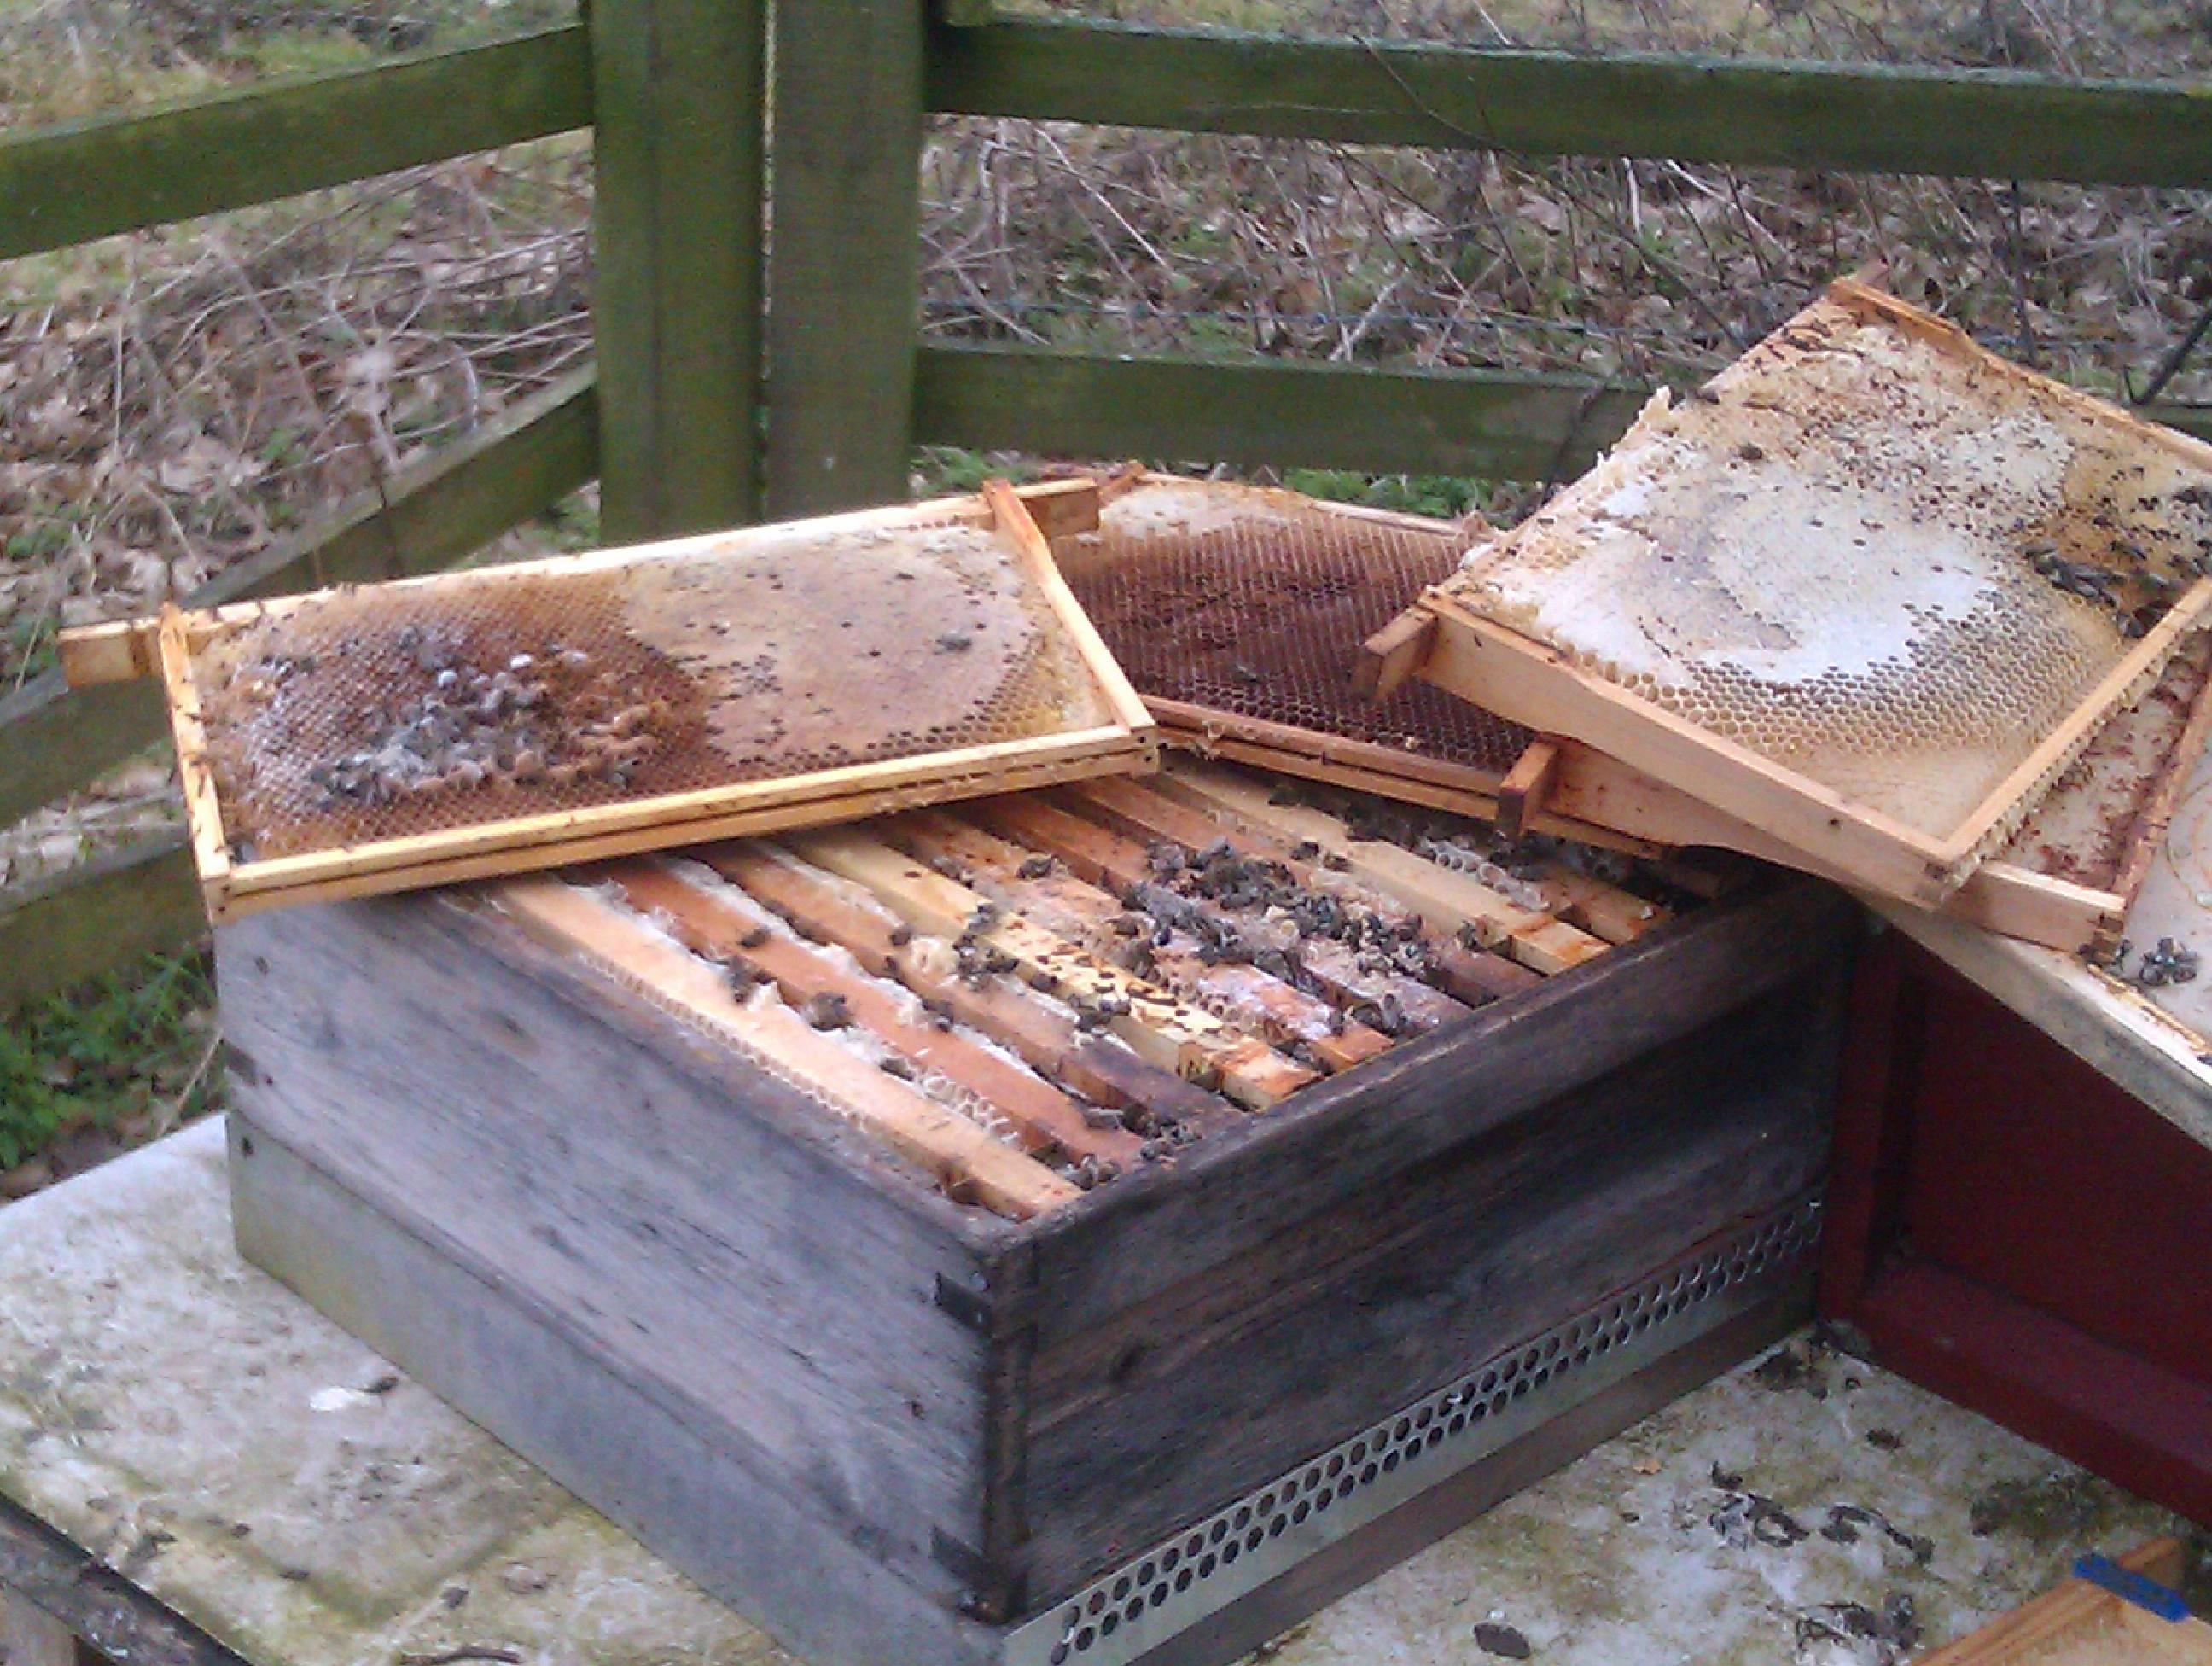 Mid bucks beekeepers study notes